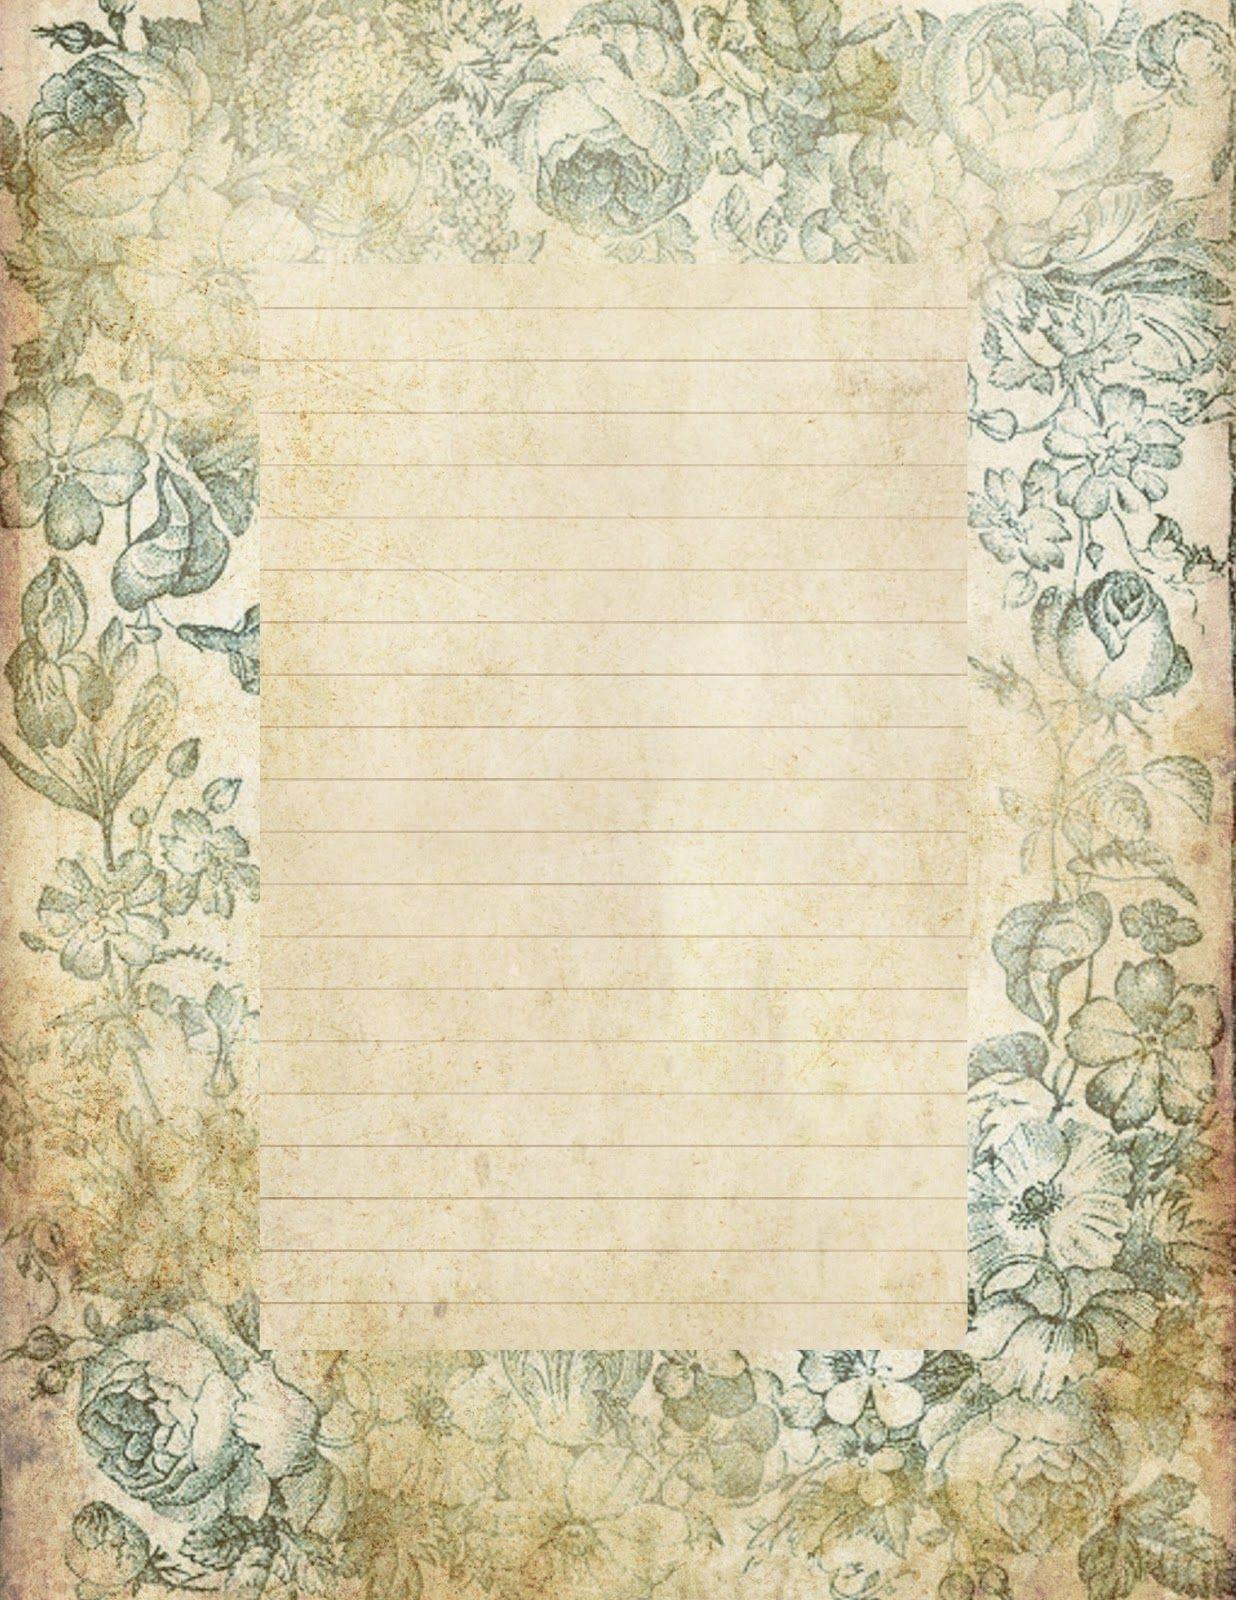 Ldr Love Letter Paper Vintage Printables Digital Scrapbook Paper Vintage Stationary